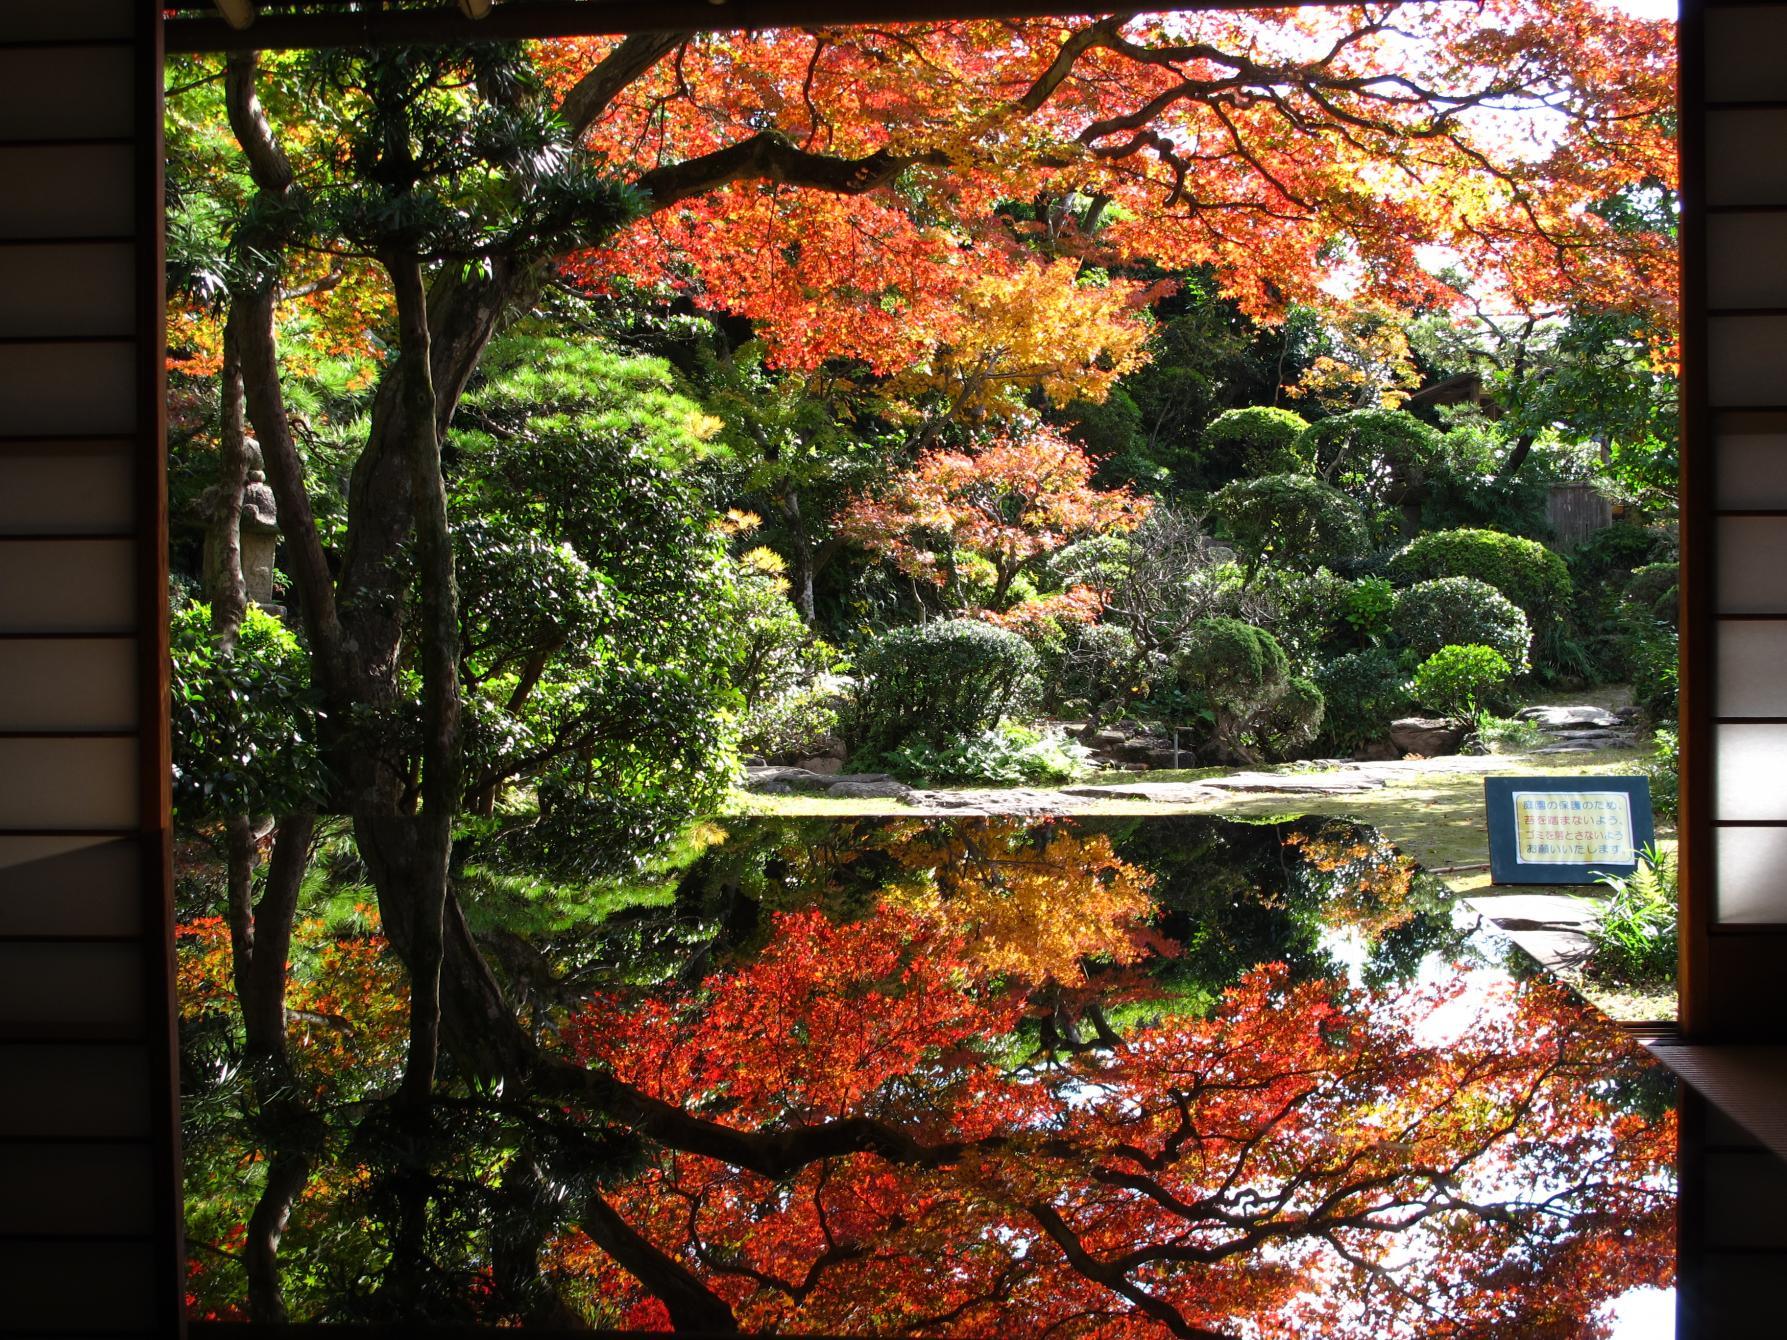 茅葺建物と紅葉の景色に癒される「心田庵」(長崎市)-0